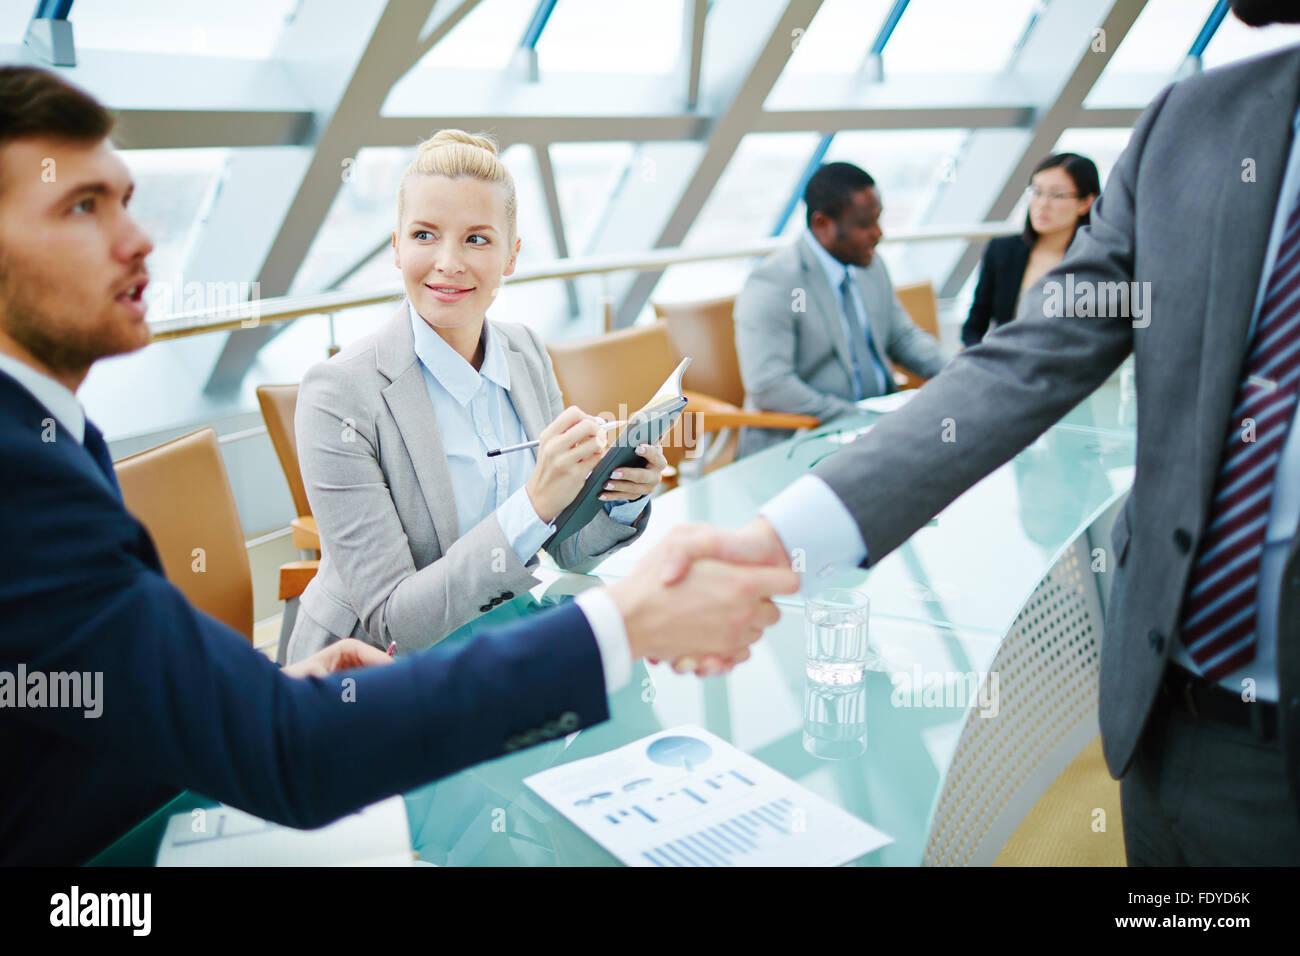 Glücklich Geschäftsfrau betrachten eines Geschäftsmann Handshaking mit partner Stockbild